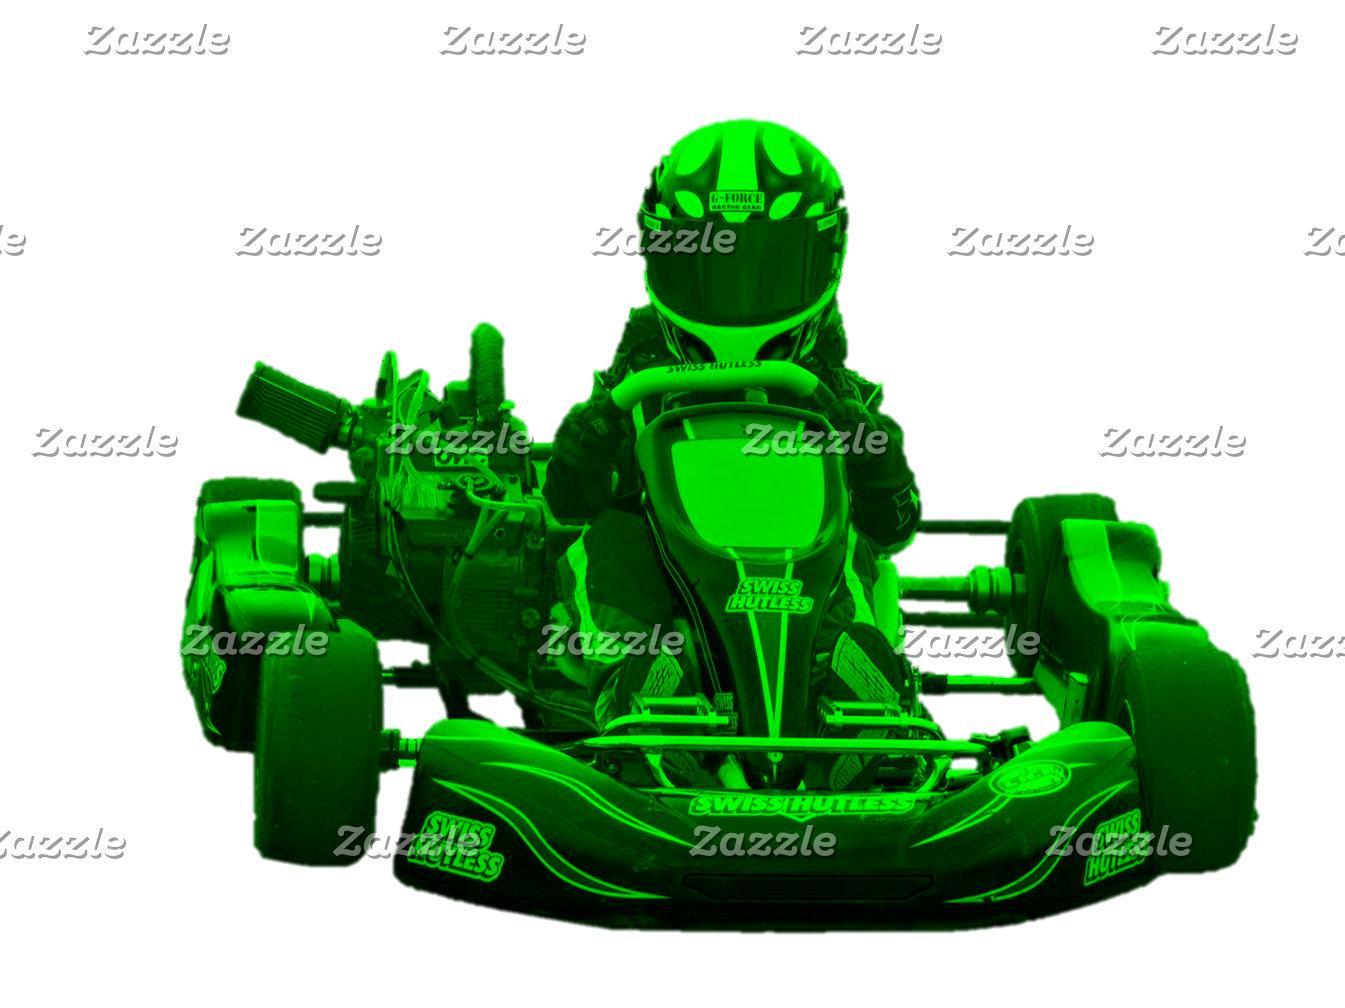 Kart Racer in Green